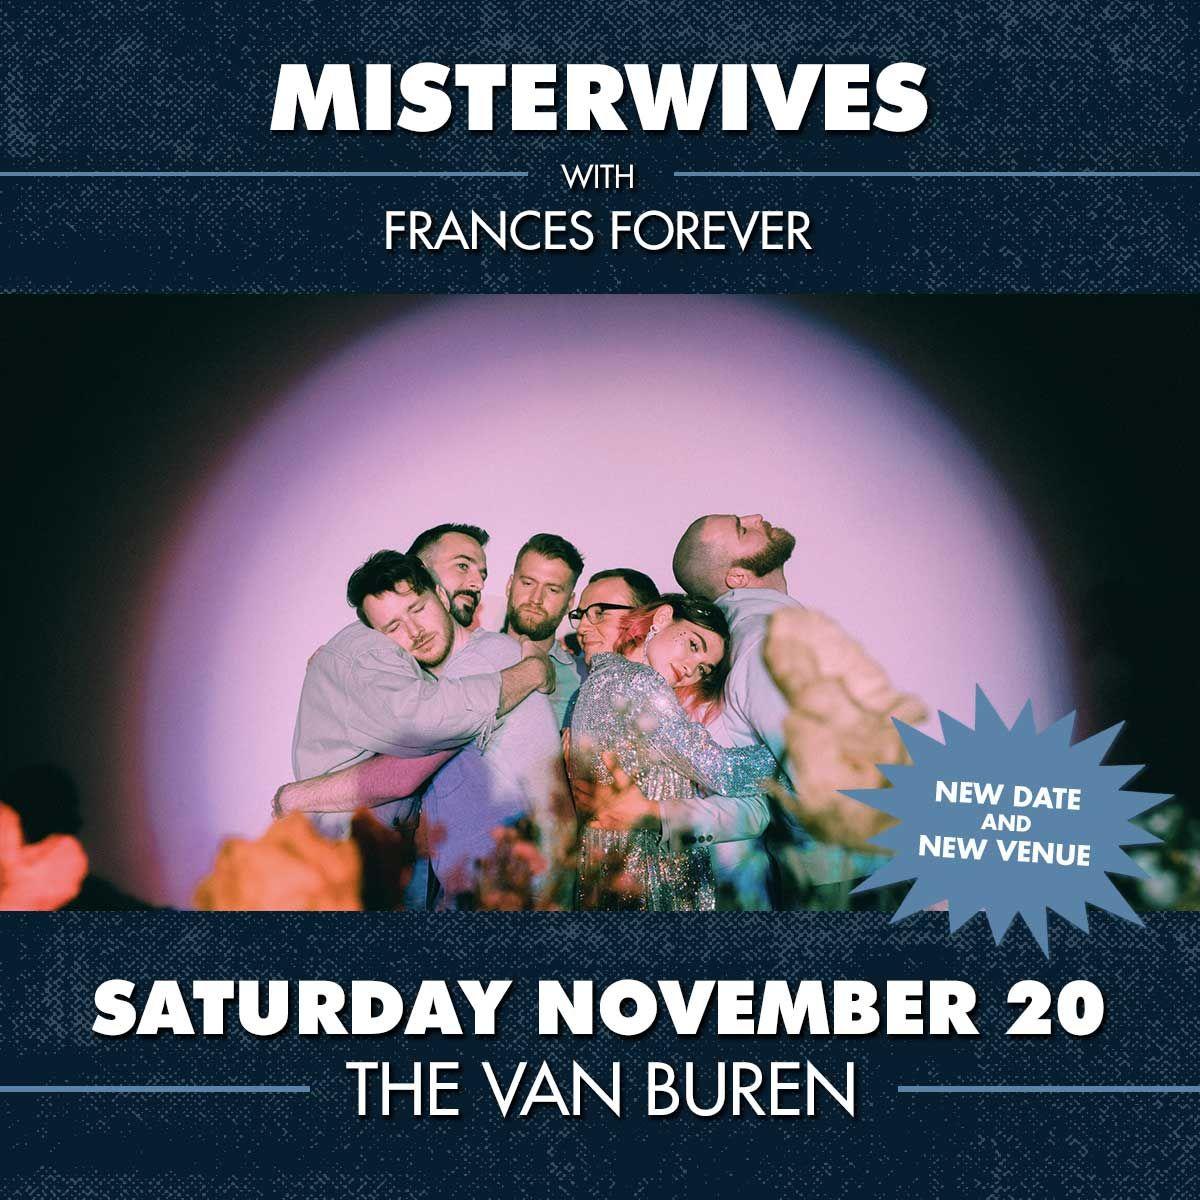 MISTERWIVES: NEW DATE & VENUE SAT 11/20 at THE VAN BUREN